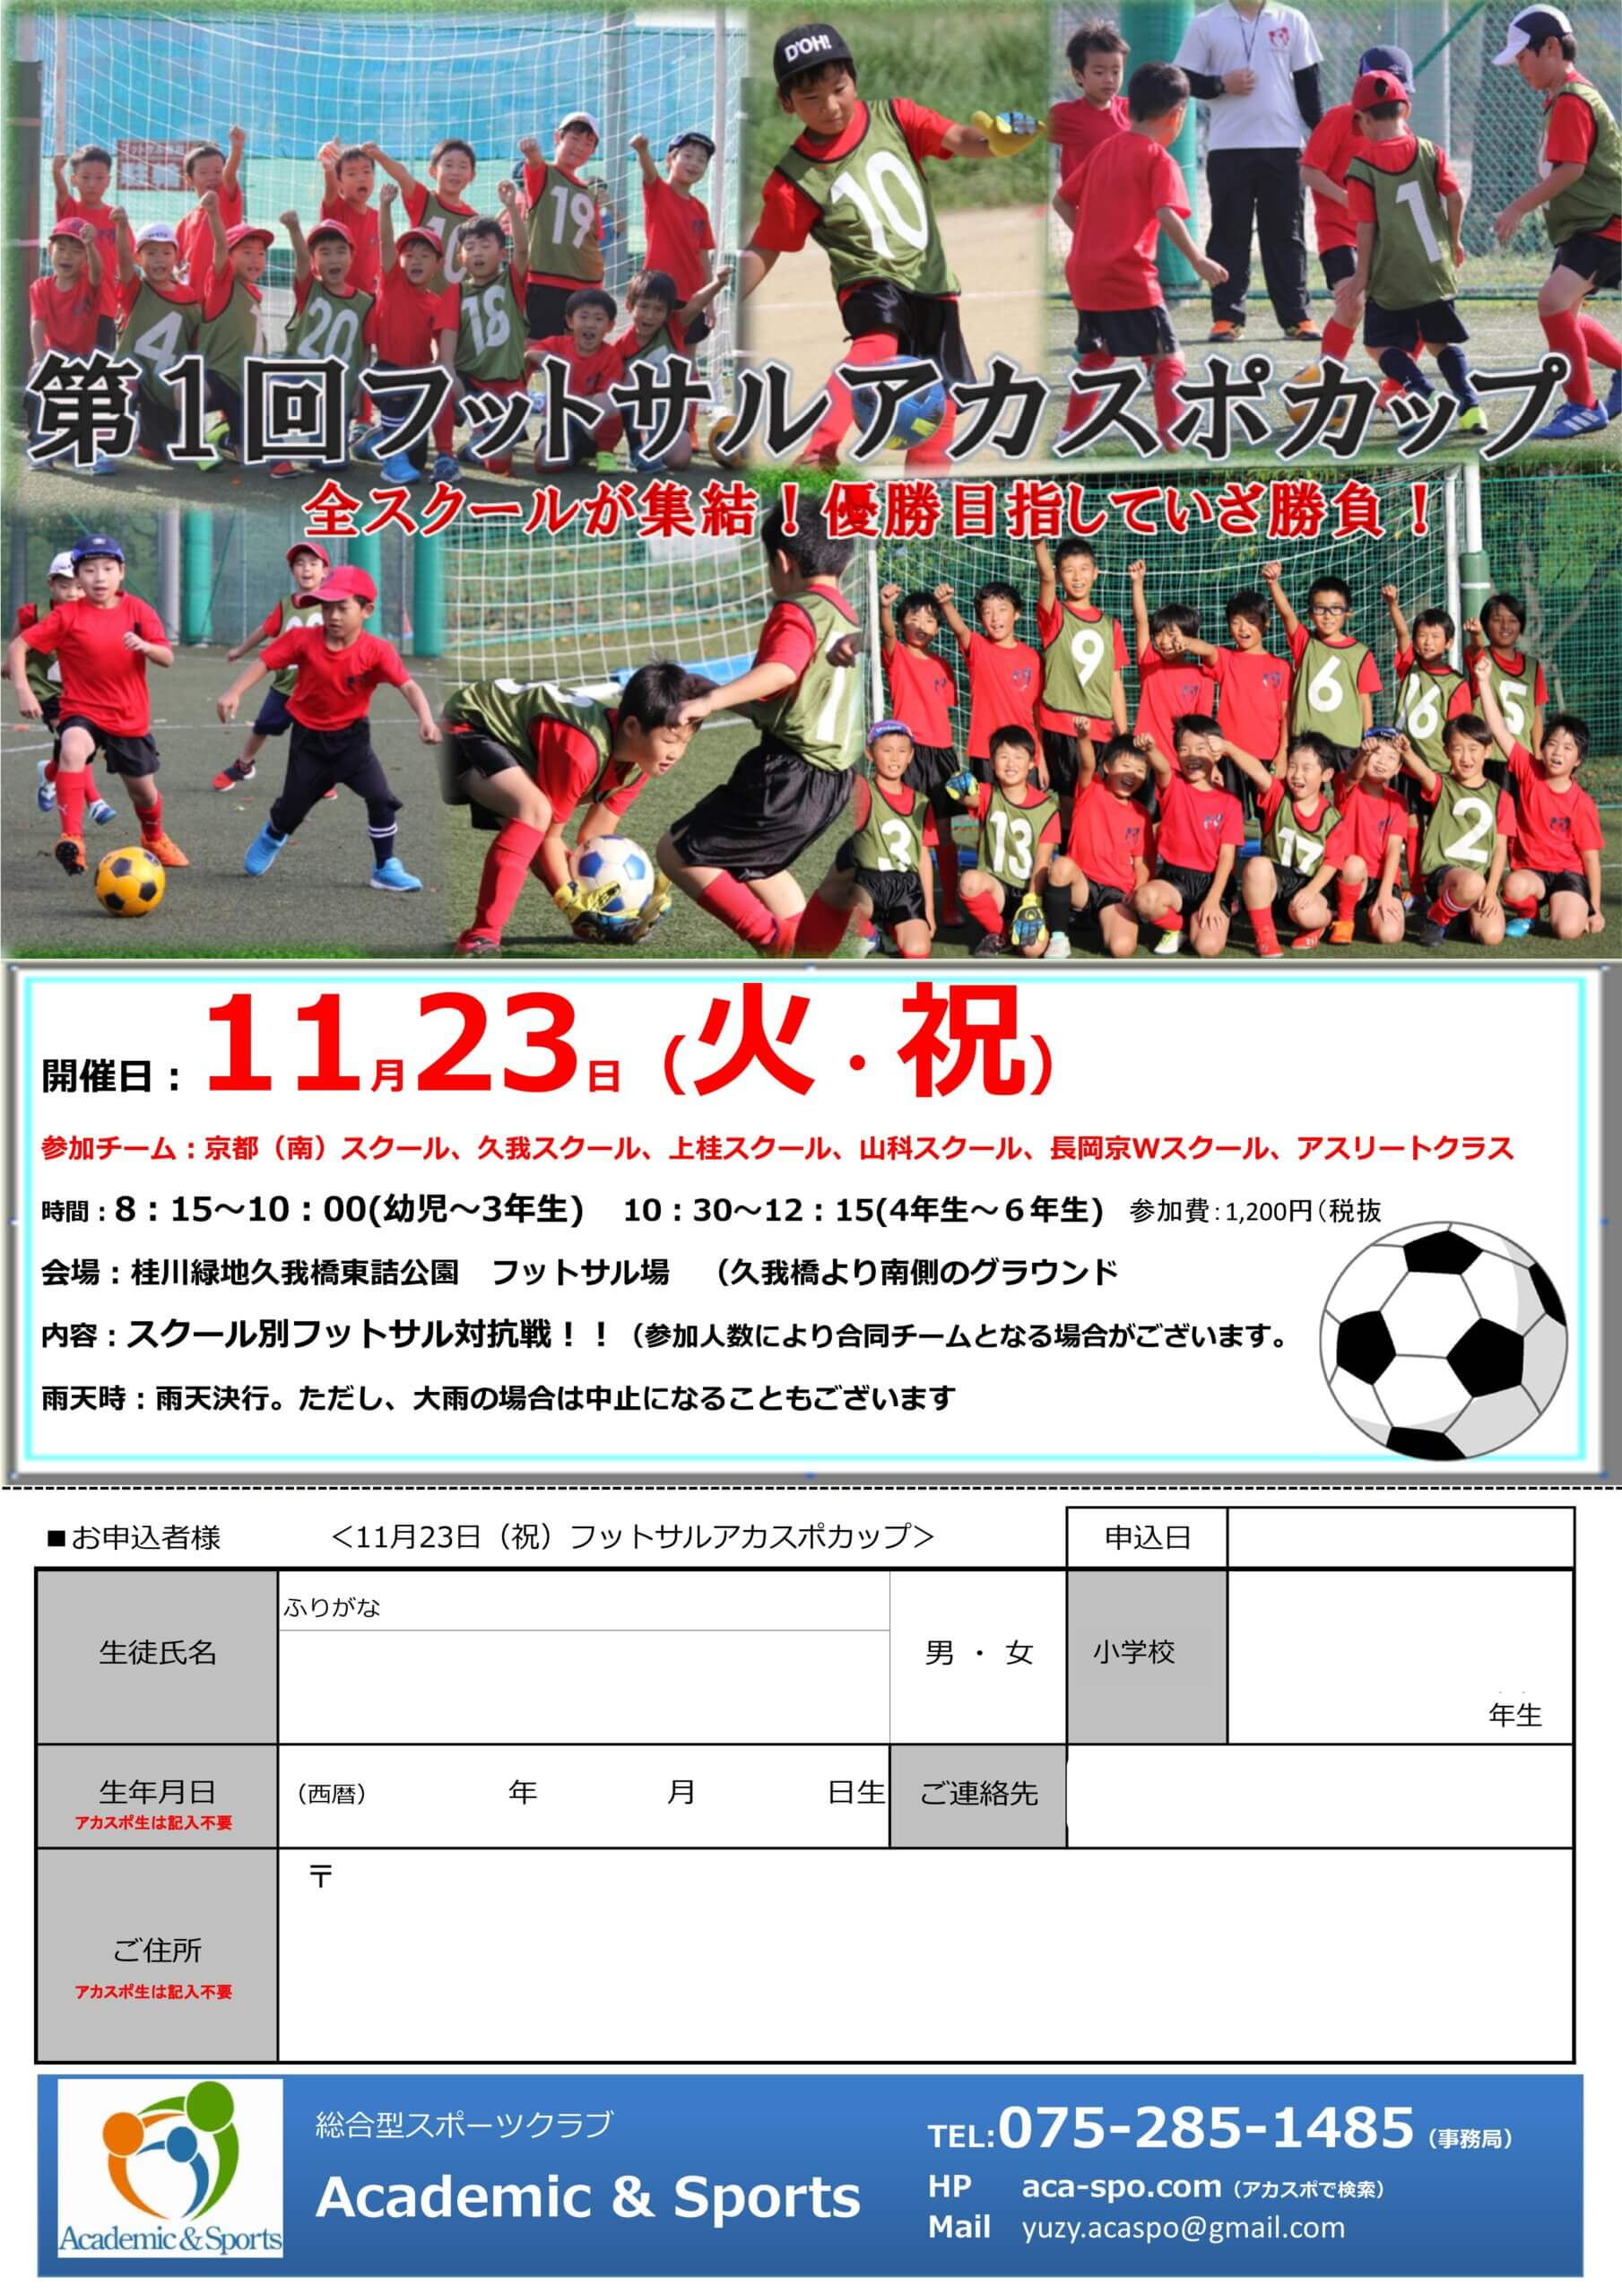 【サッカースクール】第一回フットサルアカスポカップについて